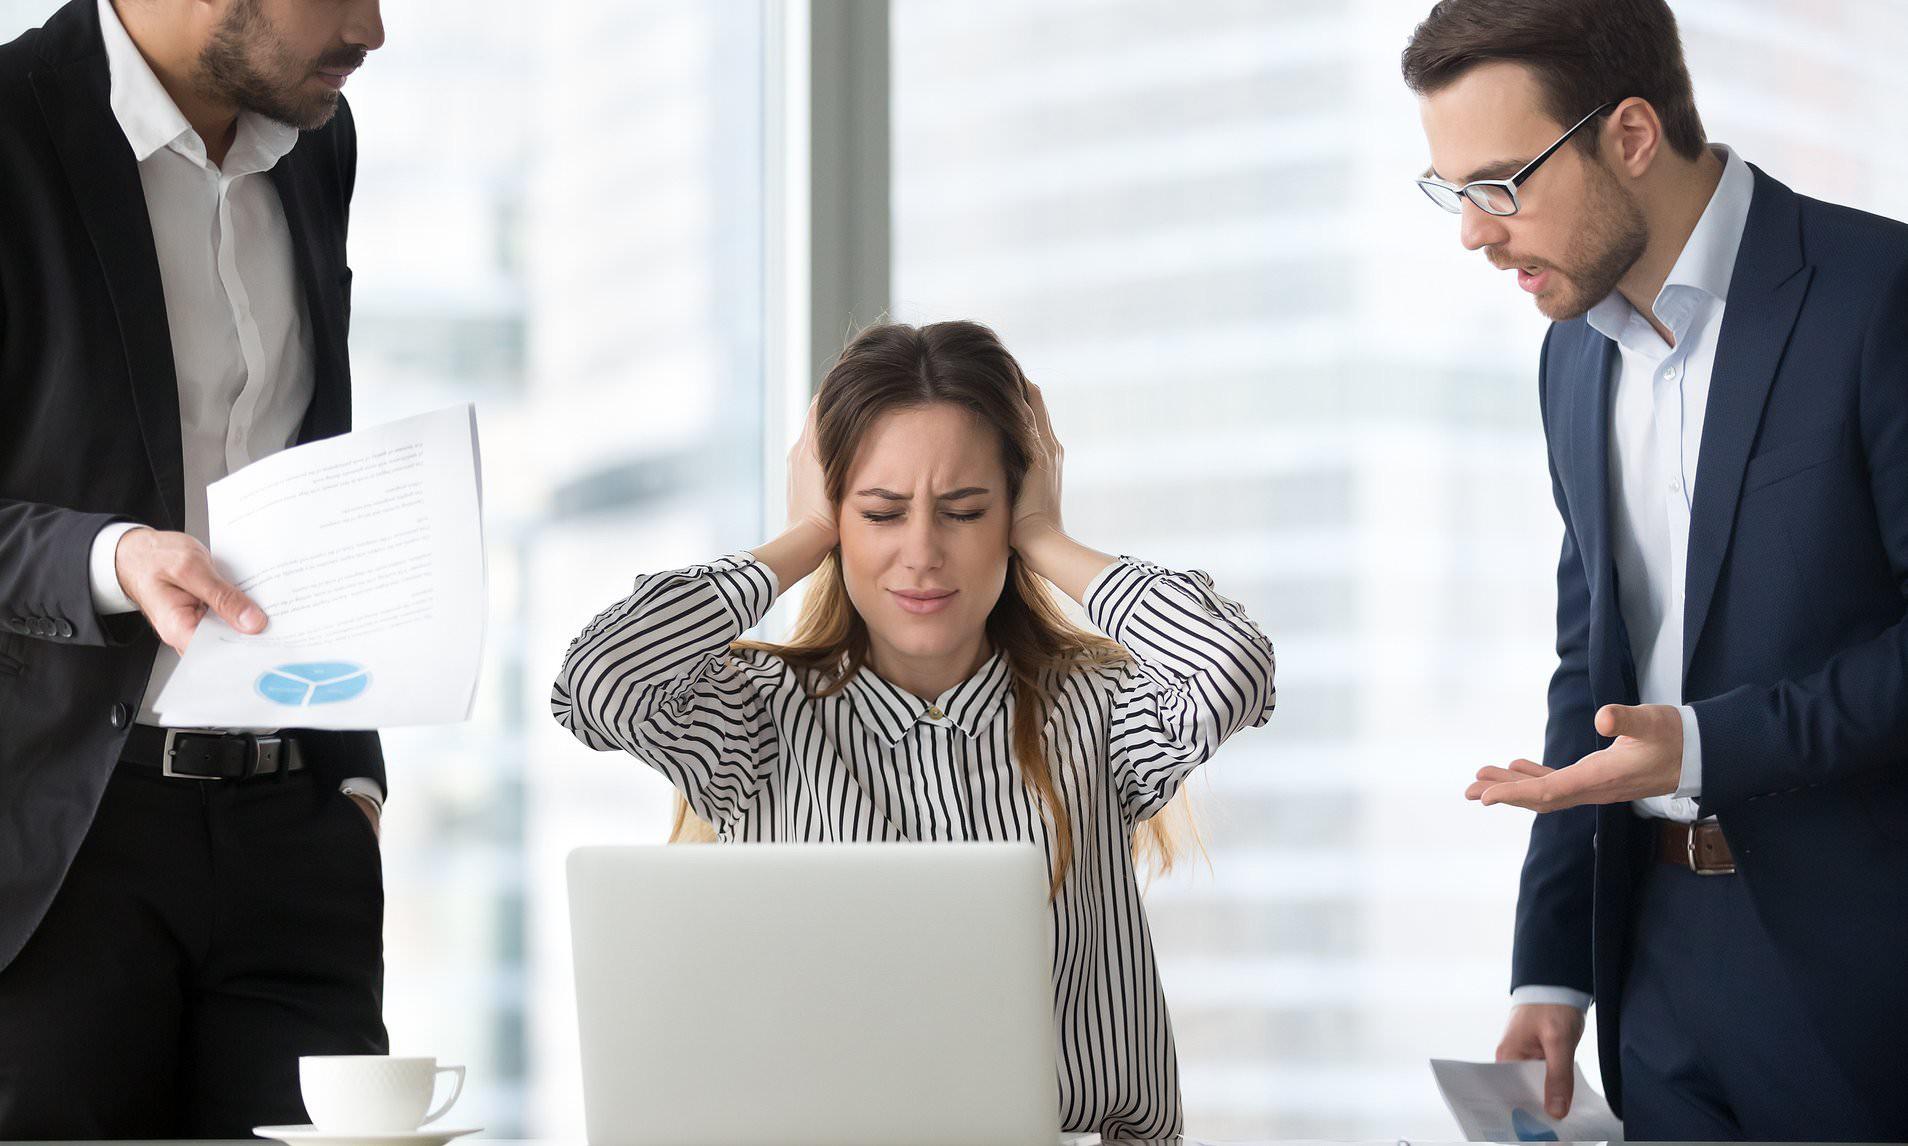 Bạn từng nghĩ đến việc lấy mạng sếp của mình? Đừng xấu hổ vì đó là hiện tượng tâm lý hết sức bình thường - Ảnh 1.